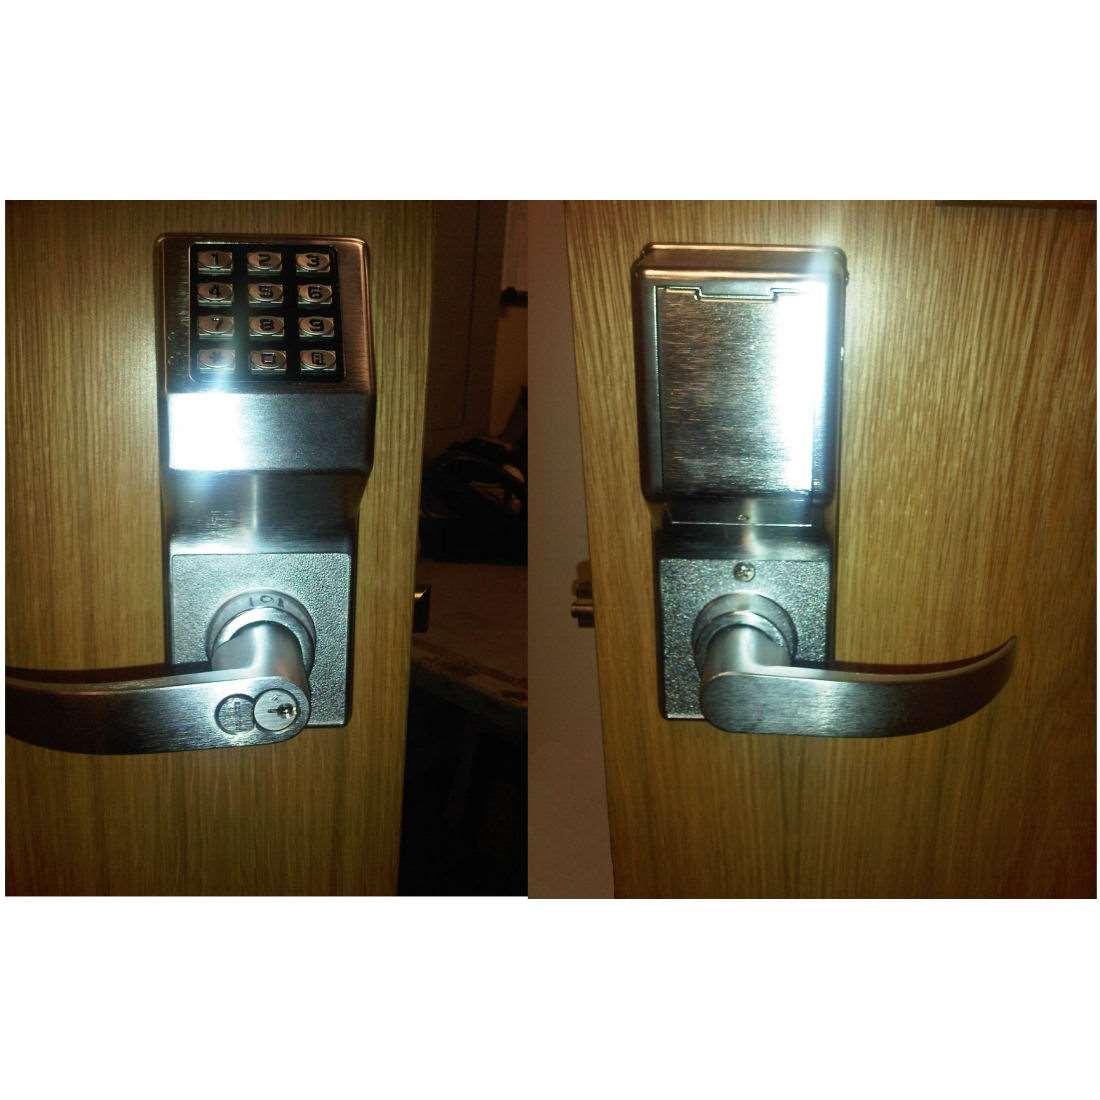 Trilogy T2 DL2700 DL2700WP Digital Commercial Keypad Lock